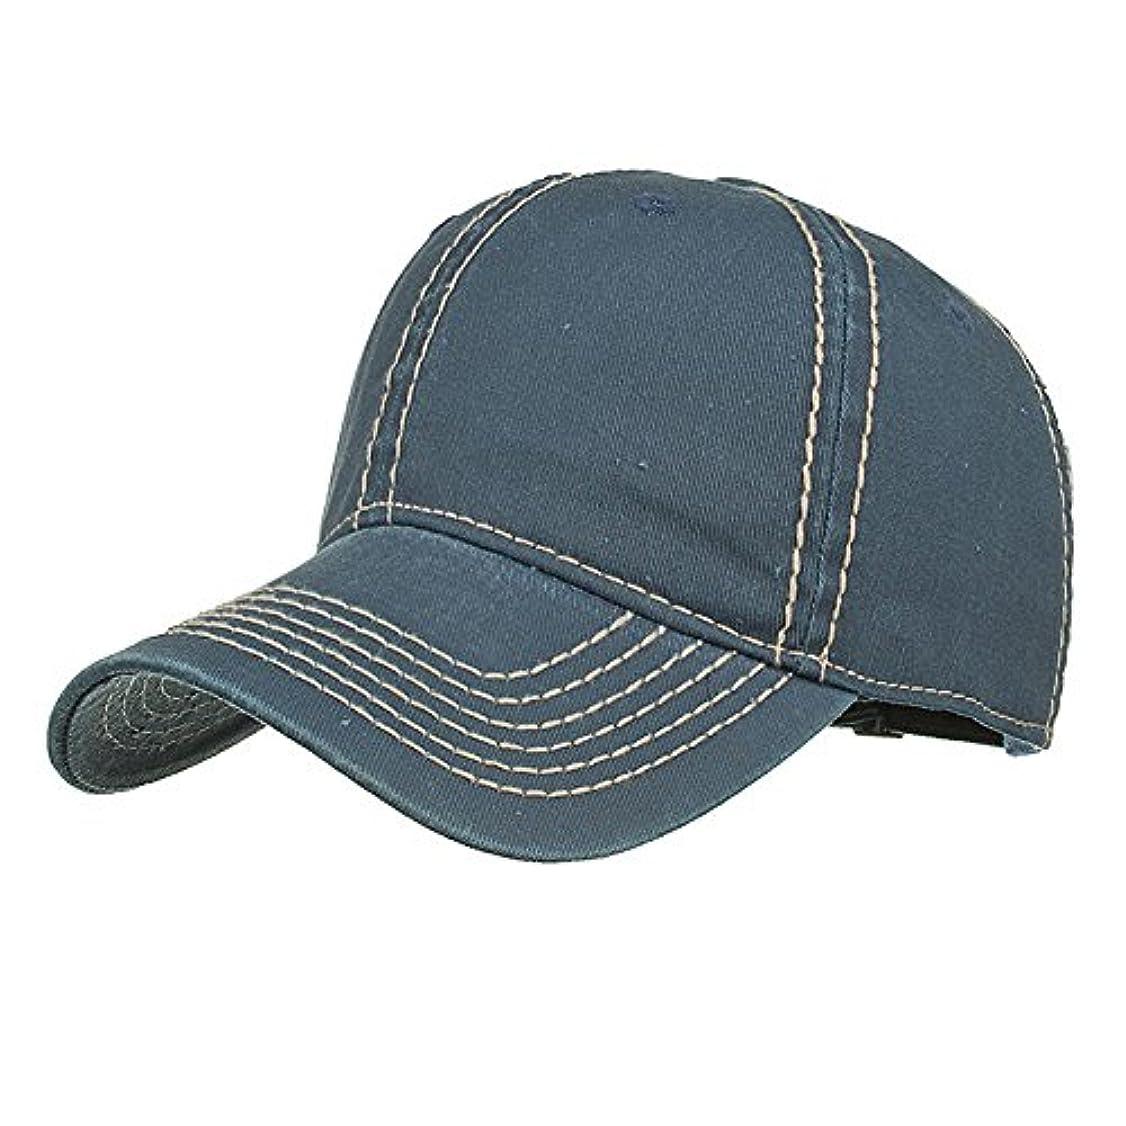 ストライプアイドルしょっぱいRacazing Cap 無地 野球帽 キャップ 夏 登山 通気性のある 帽子 ベルクロ 可調整可能 刺繍 棒球帽 UV 帽子 軽量 屋外 Unisex Hat (C)